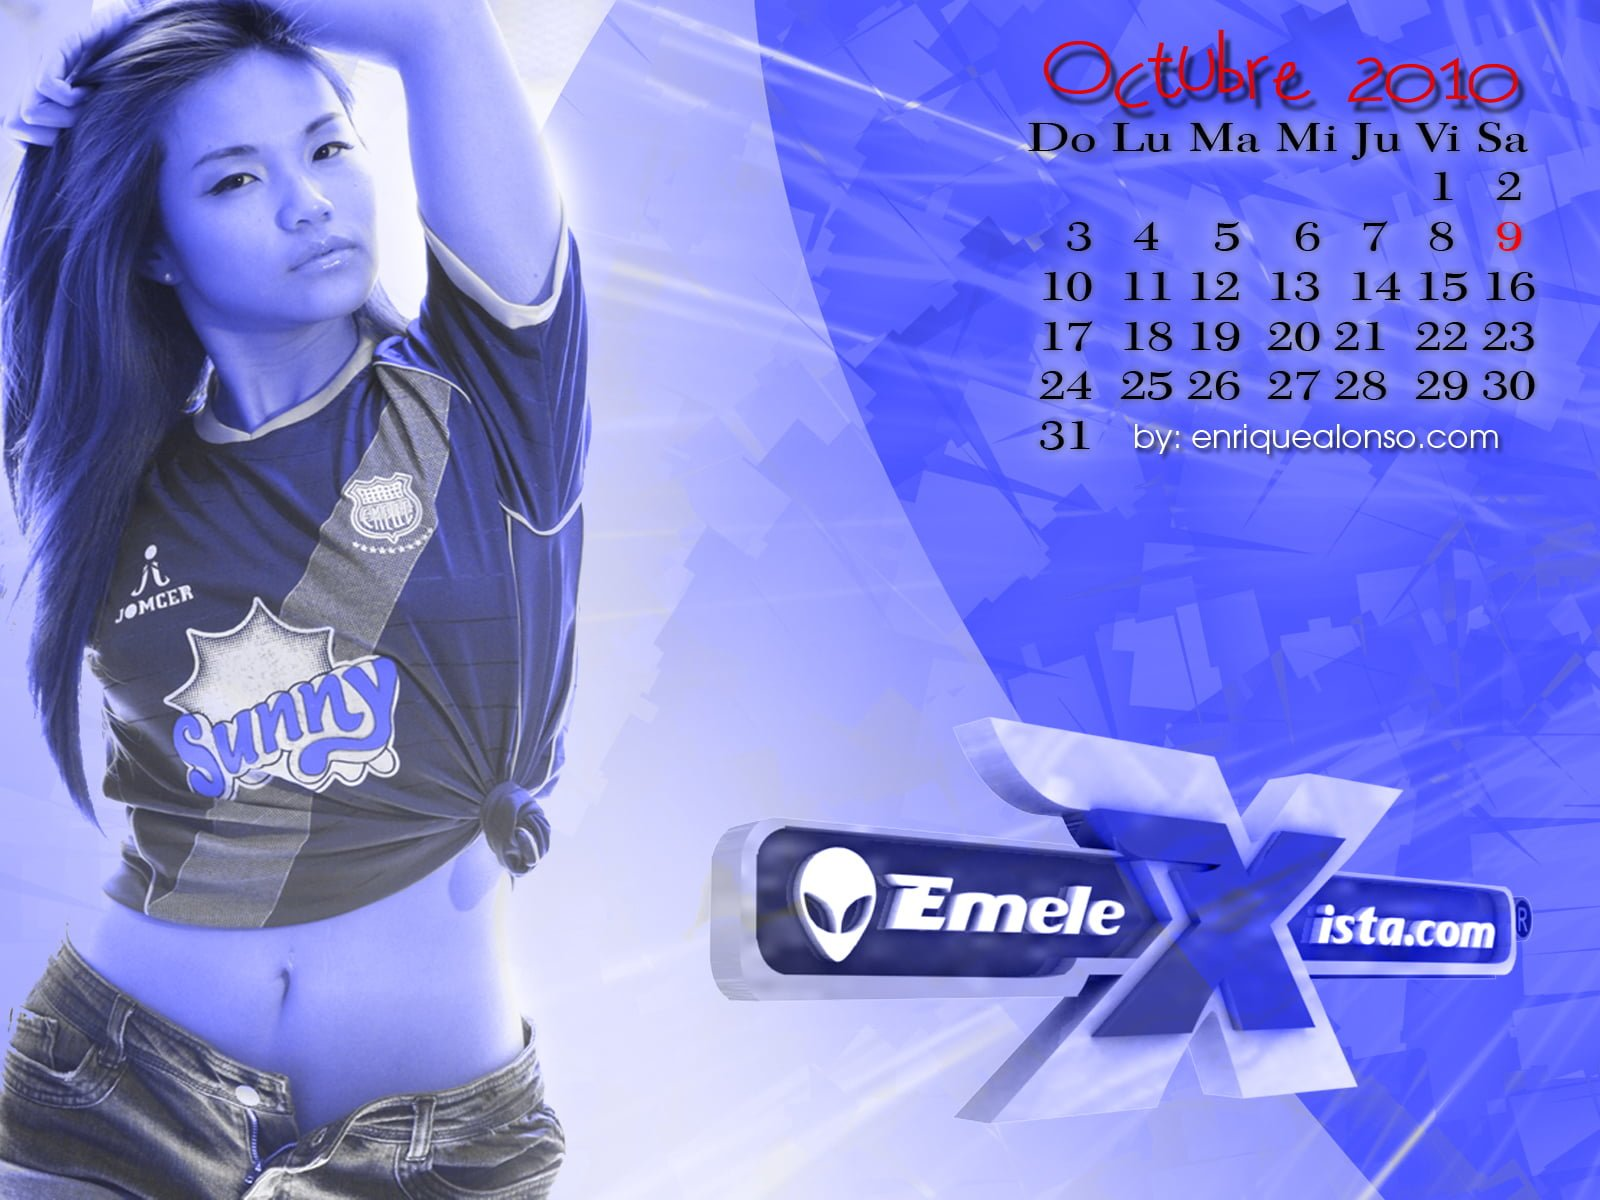 sally – wallpaper calendario octubre 2010 – por enrique alonso